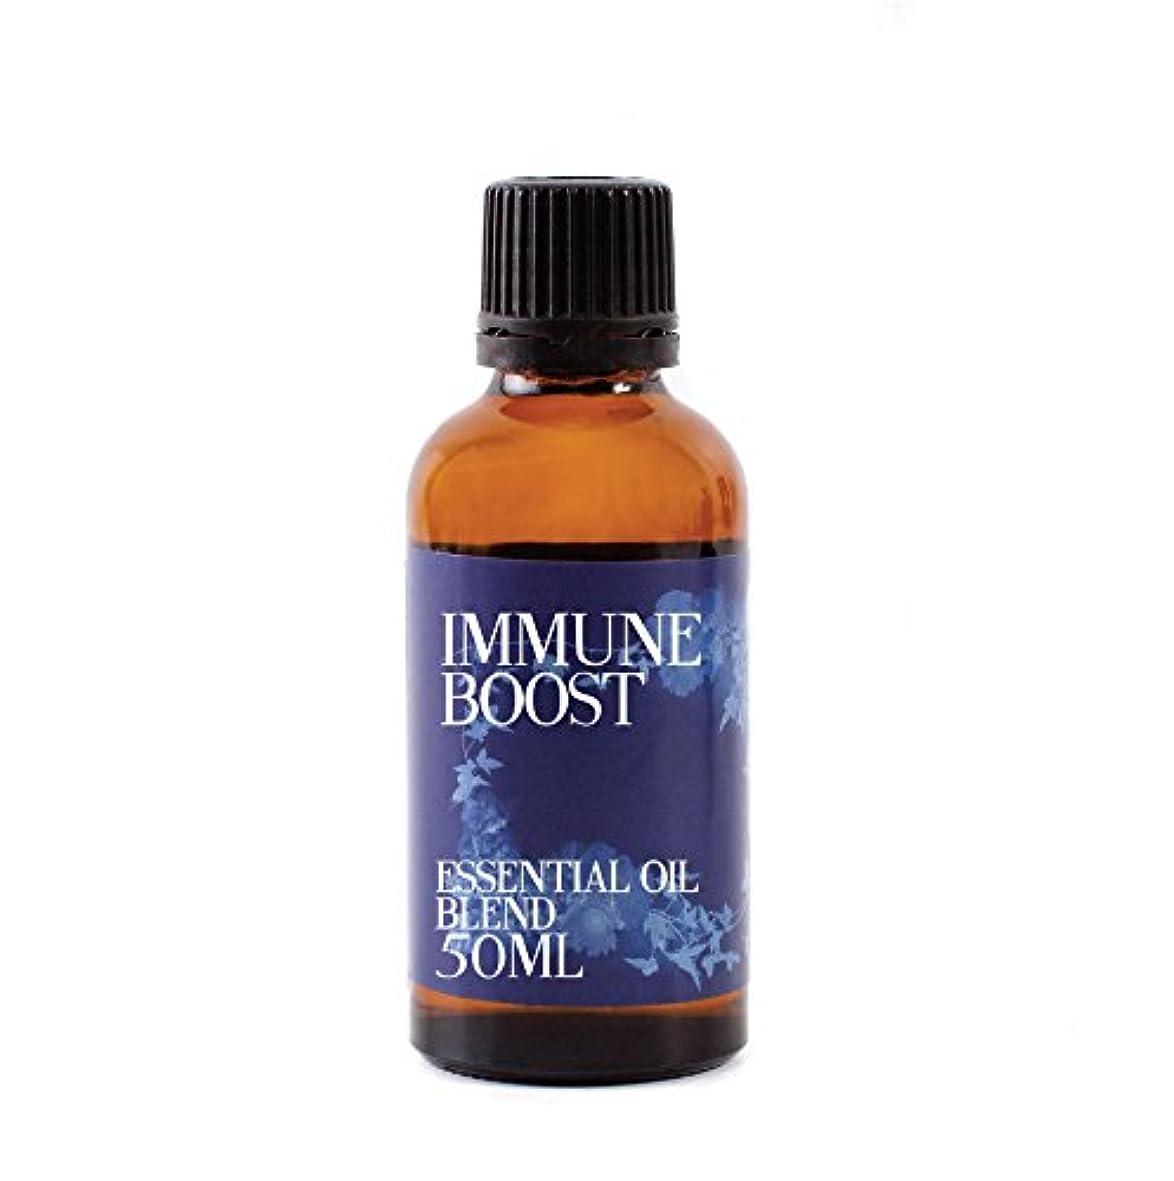 友だち感謝している落とし穴Mystic Moments | Immune Boost Essential Oil Blend - 50ml - 100% Pure